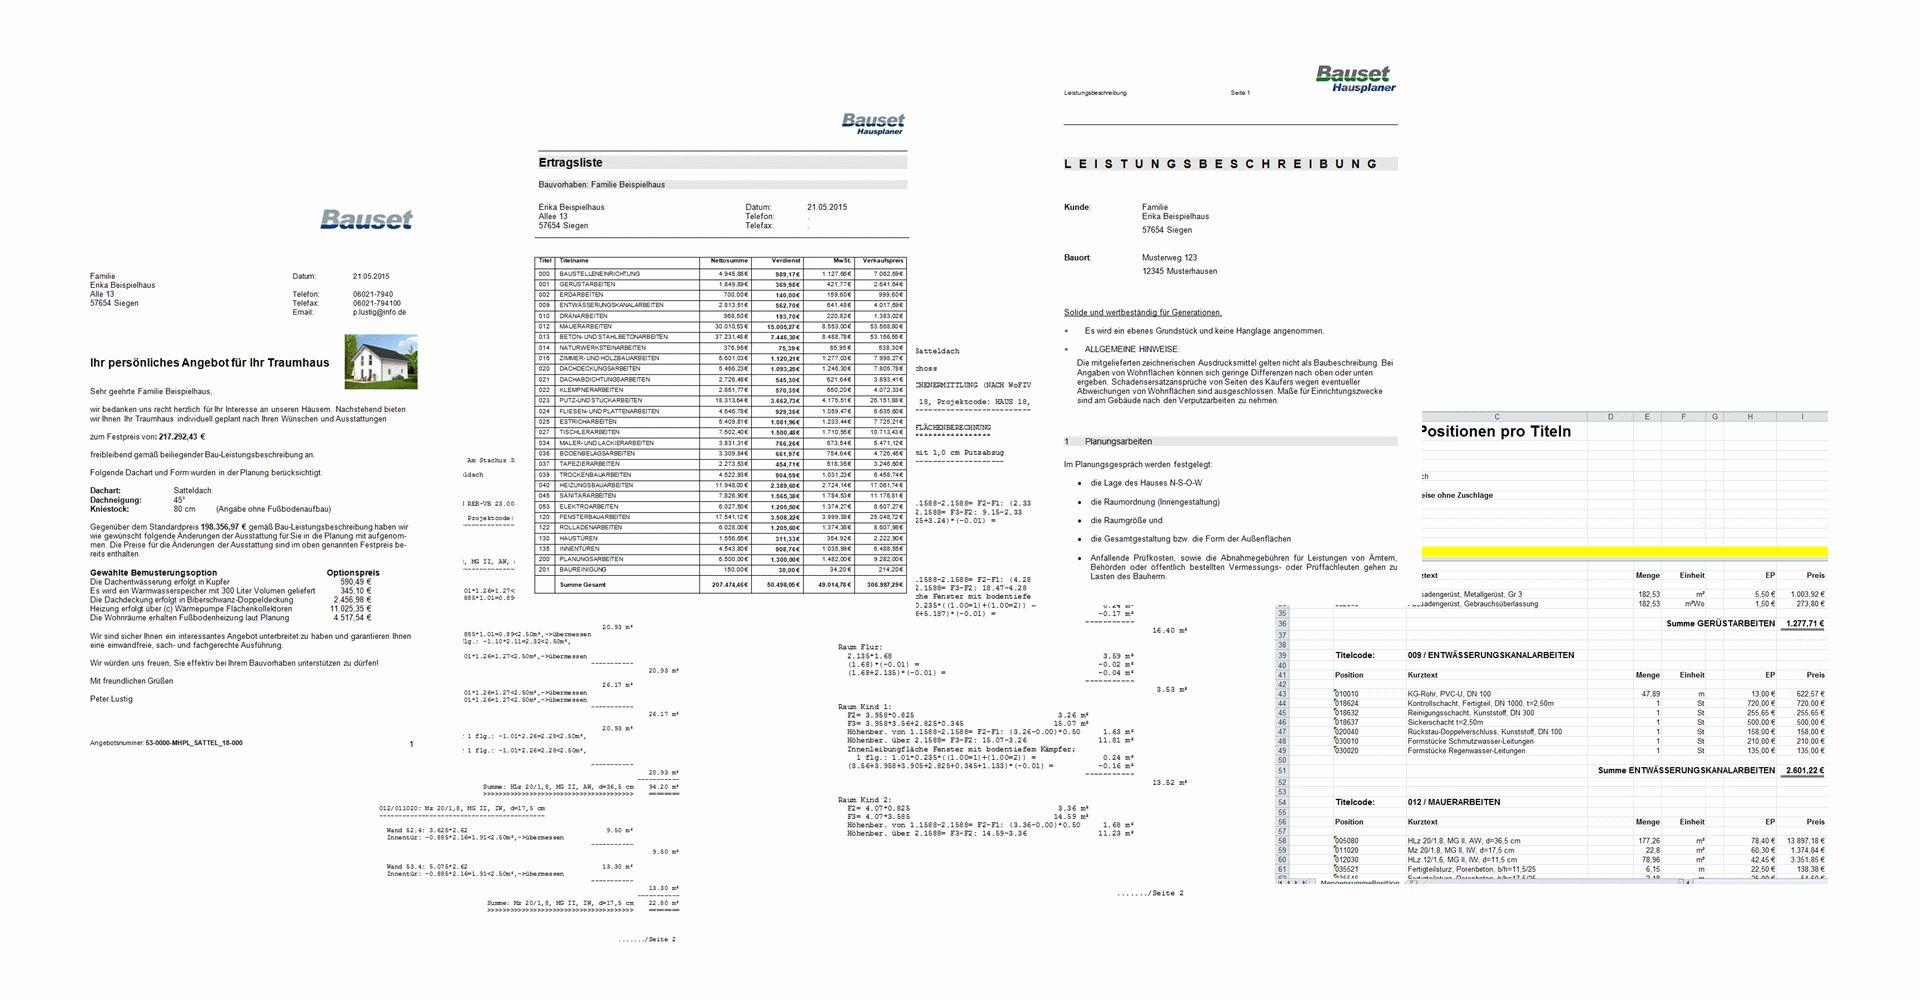 Kostenlose Hausplan Entwirft Software Cticnetecpa Cf